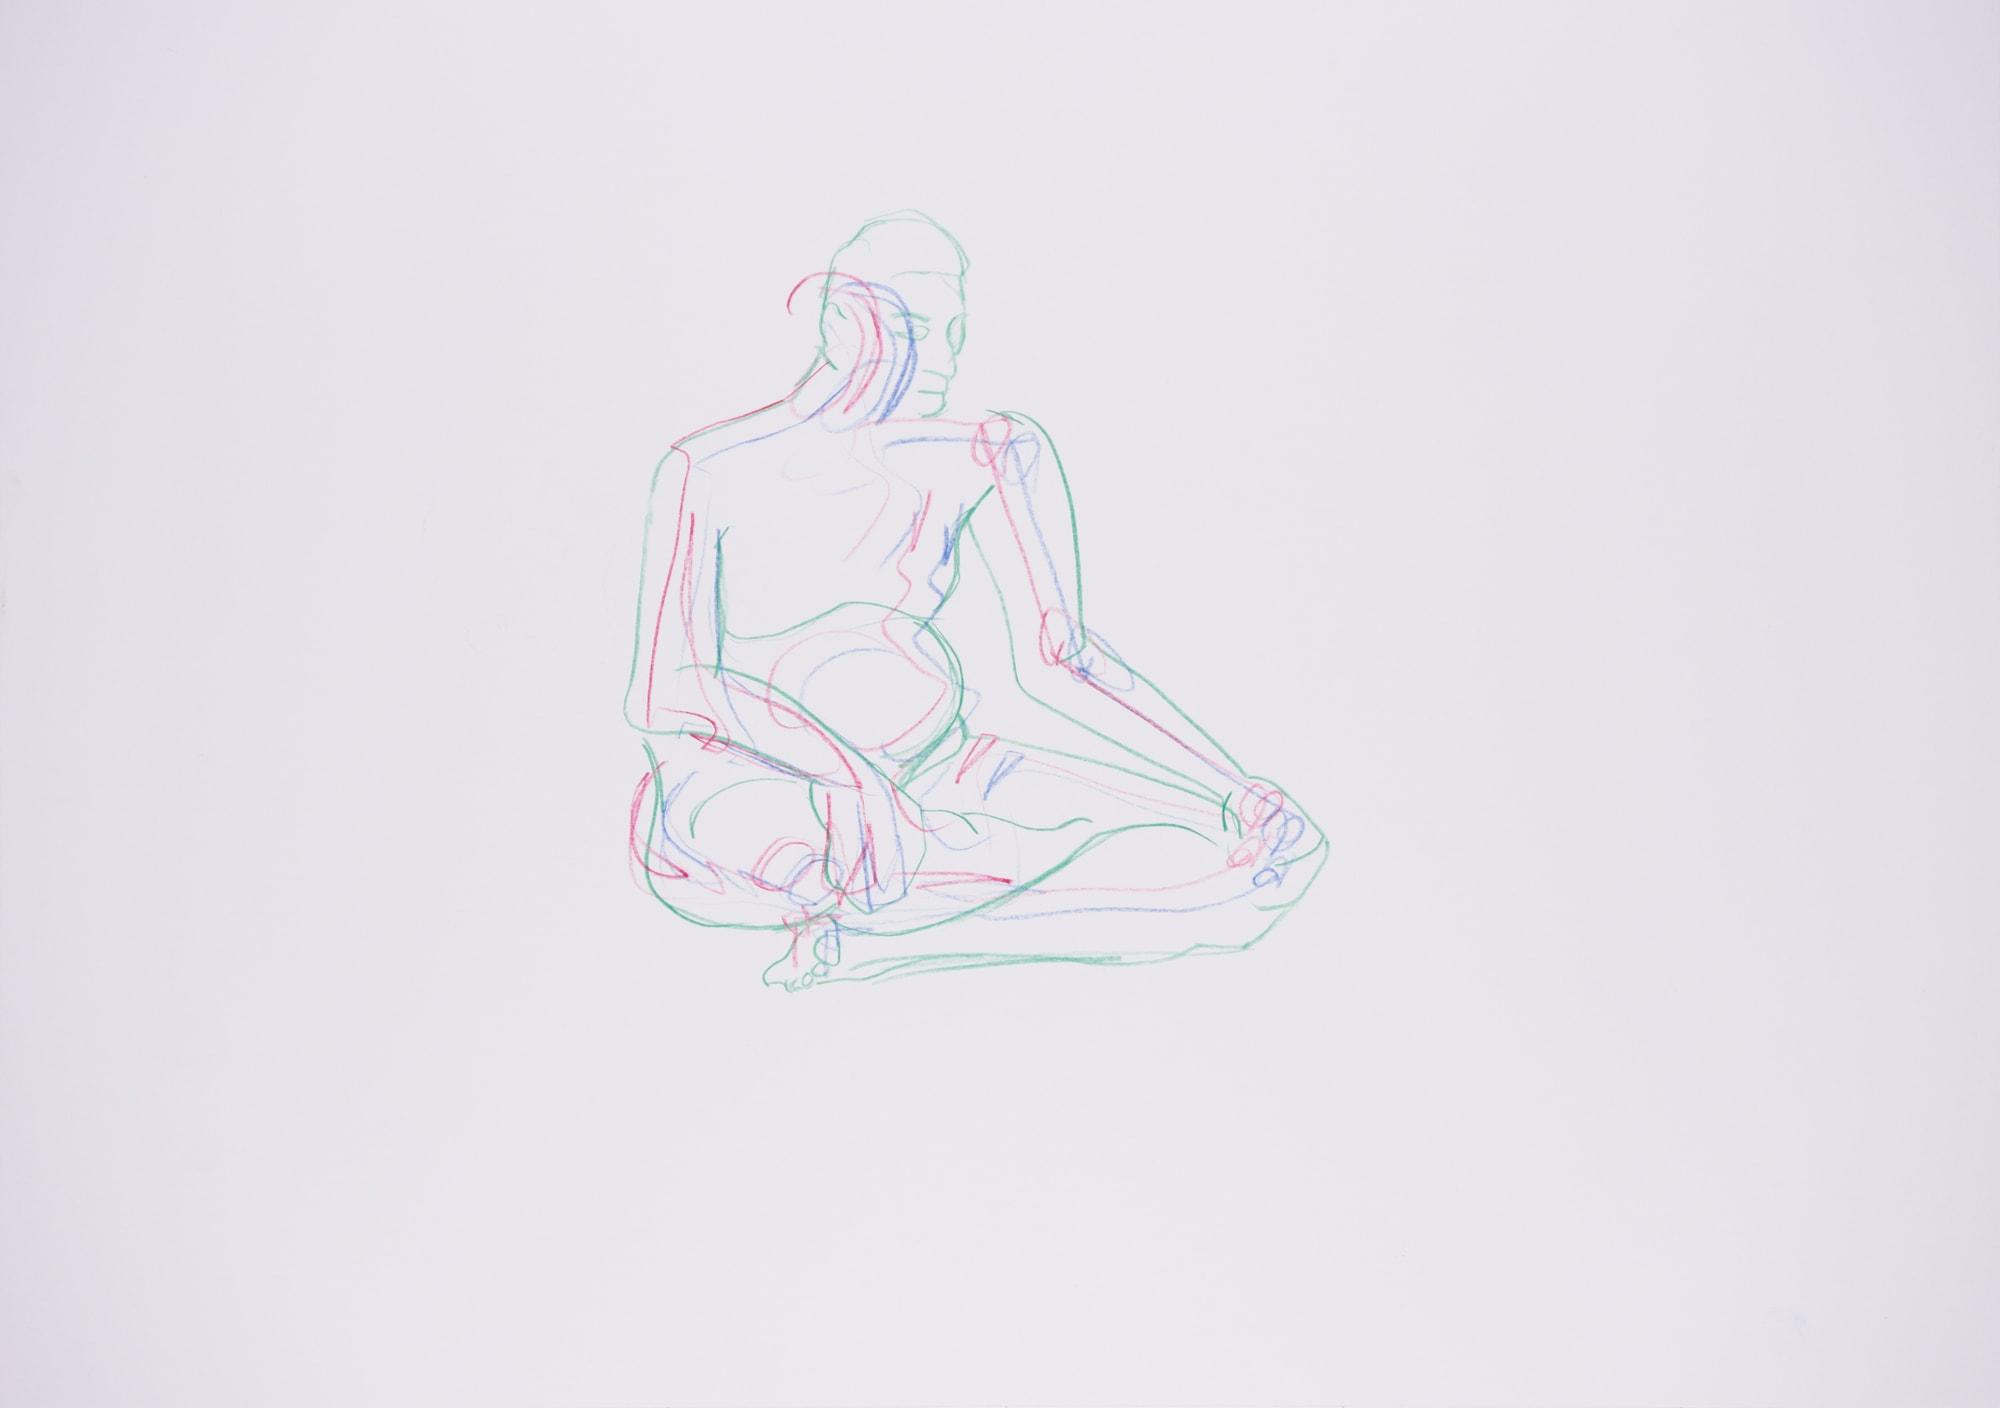 Zeichnung, Farbstifte auf Papier, 59,4x42cm, Männerakt, Künstlerin: Franziska King